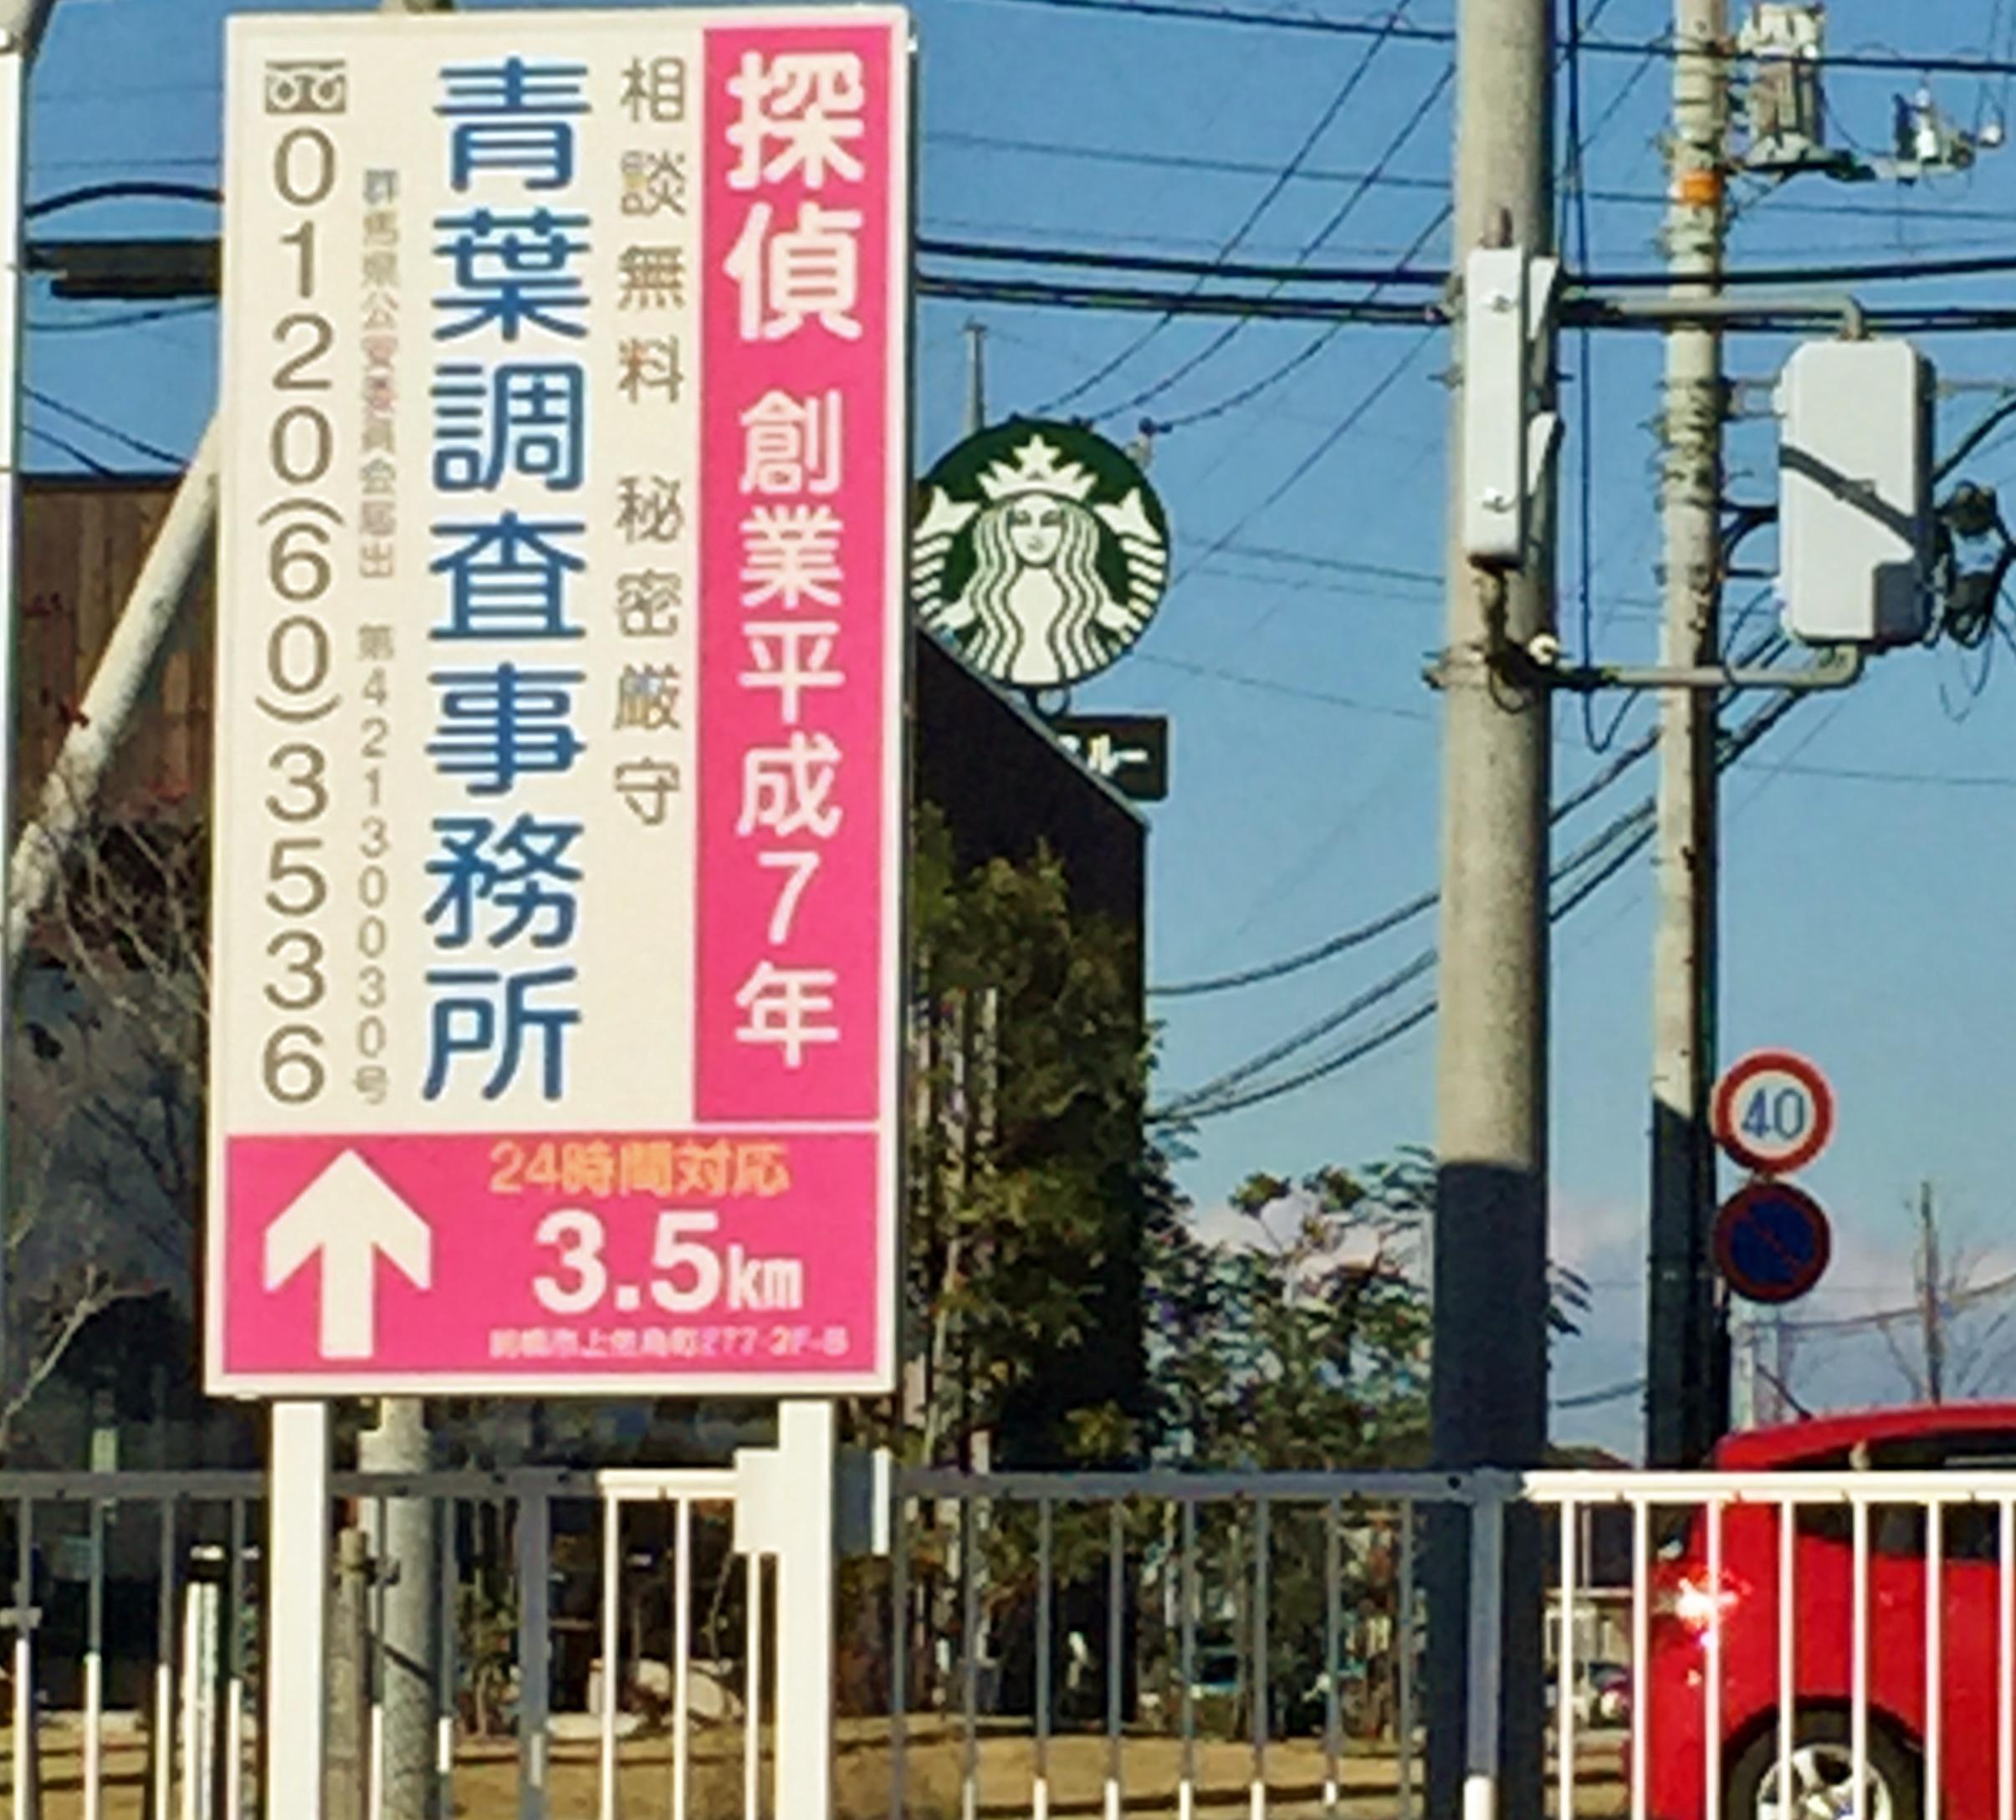 スターバックスコーヒー パワーモール前橋みなみ店すぐ横の看板